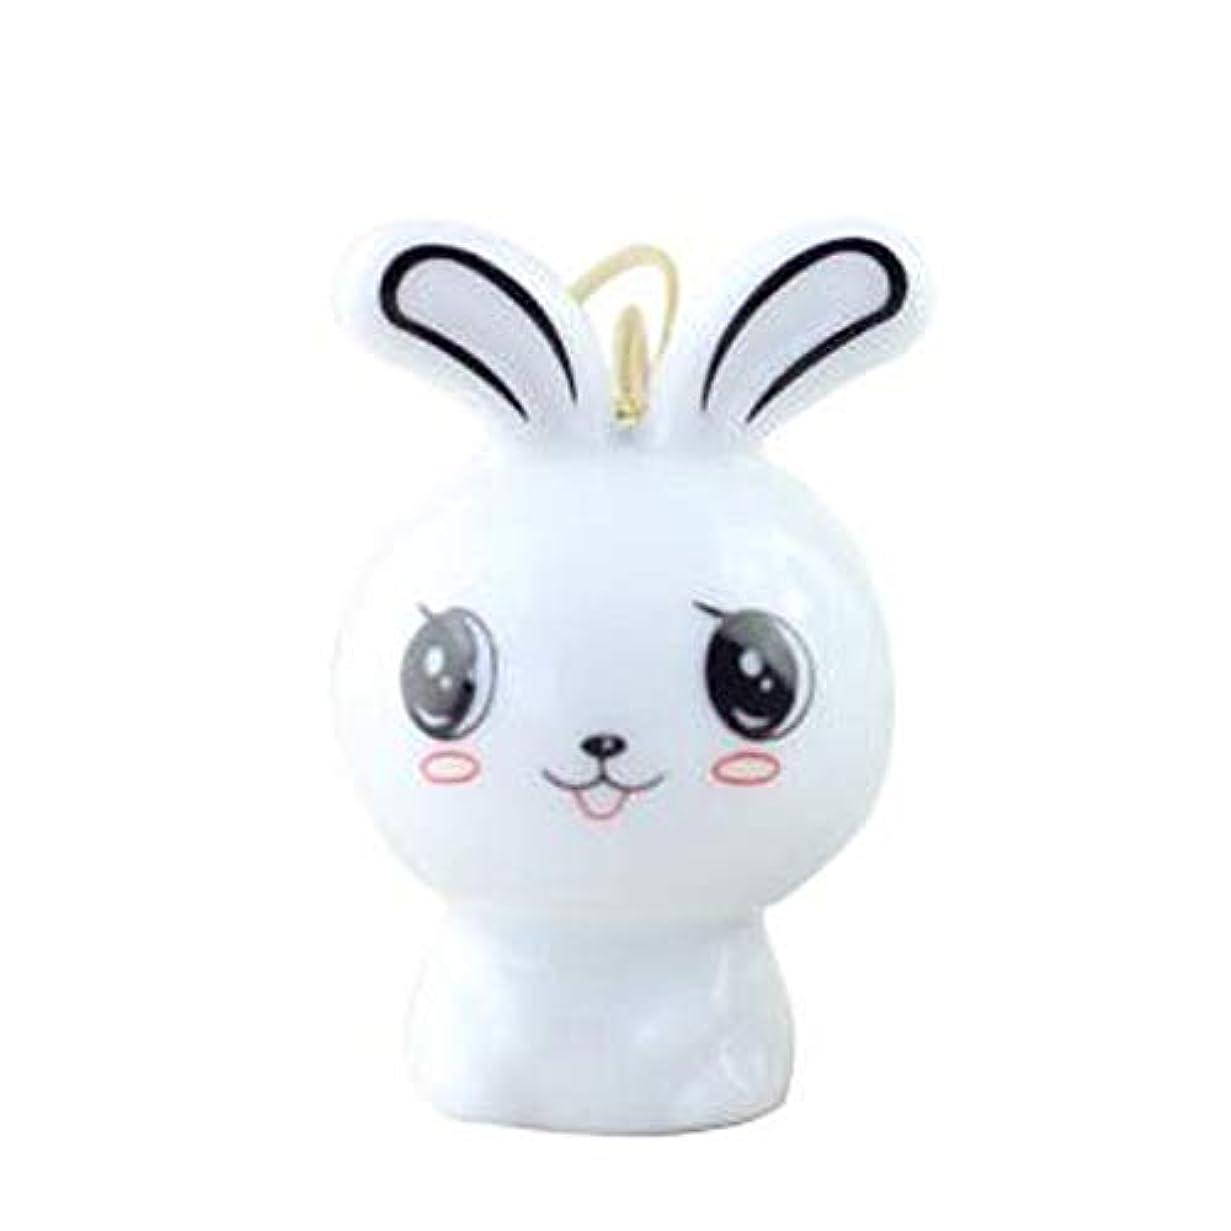 木材サルベージ親指Hongyushanghang 風チャイム、クリエイティブ?セラミックウサギ風チャイム、白、6CMについて全身,、ジュエリークリエイティブホリデーギフトを掛ける (Color : White)